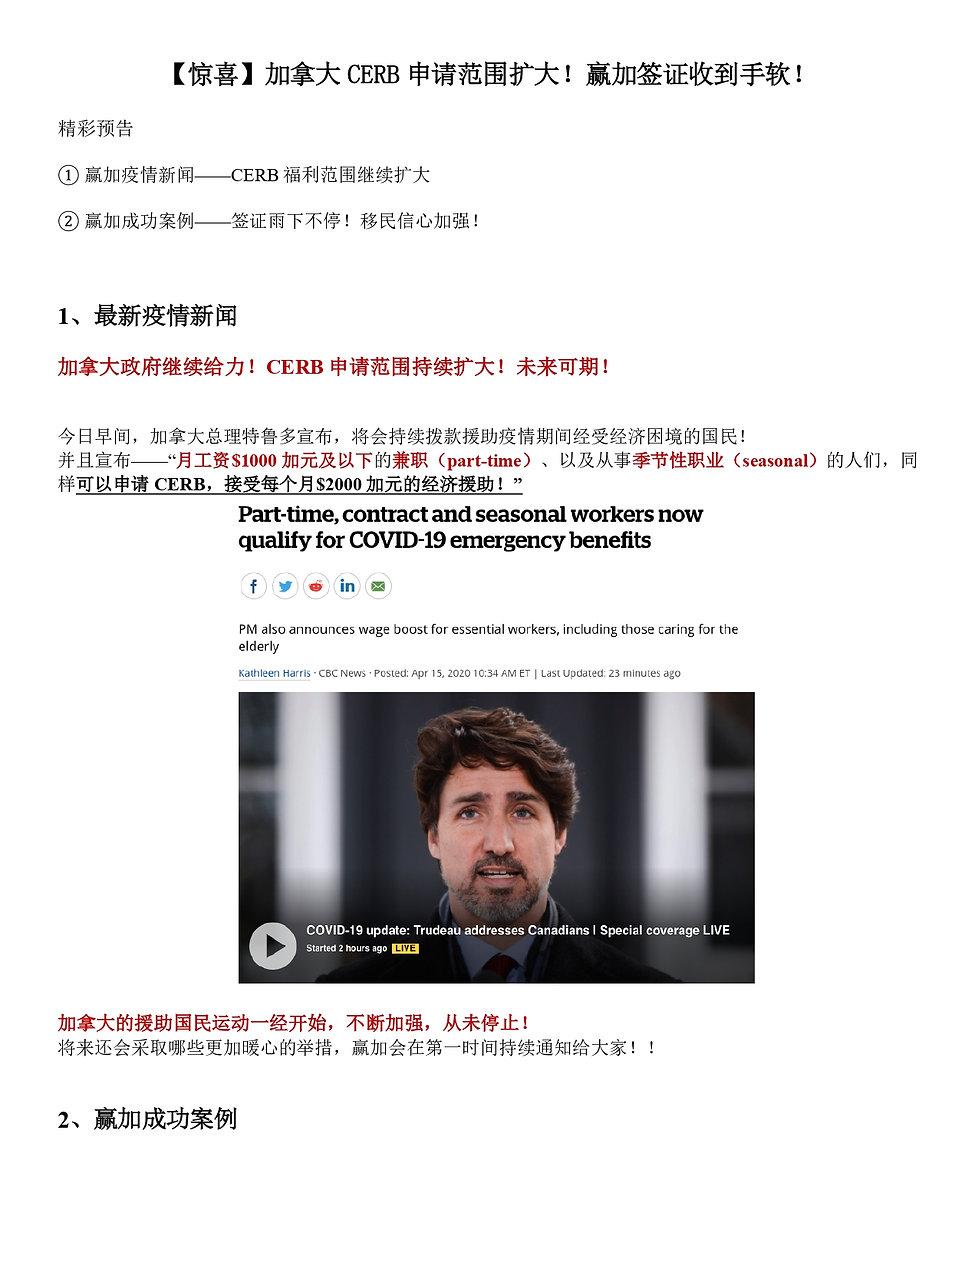 加拿大CERB申请范围扩大!赢加签证收到手软!_page-0001.jpg